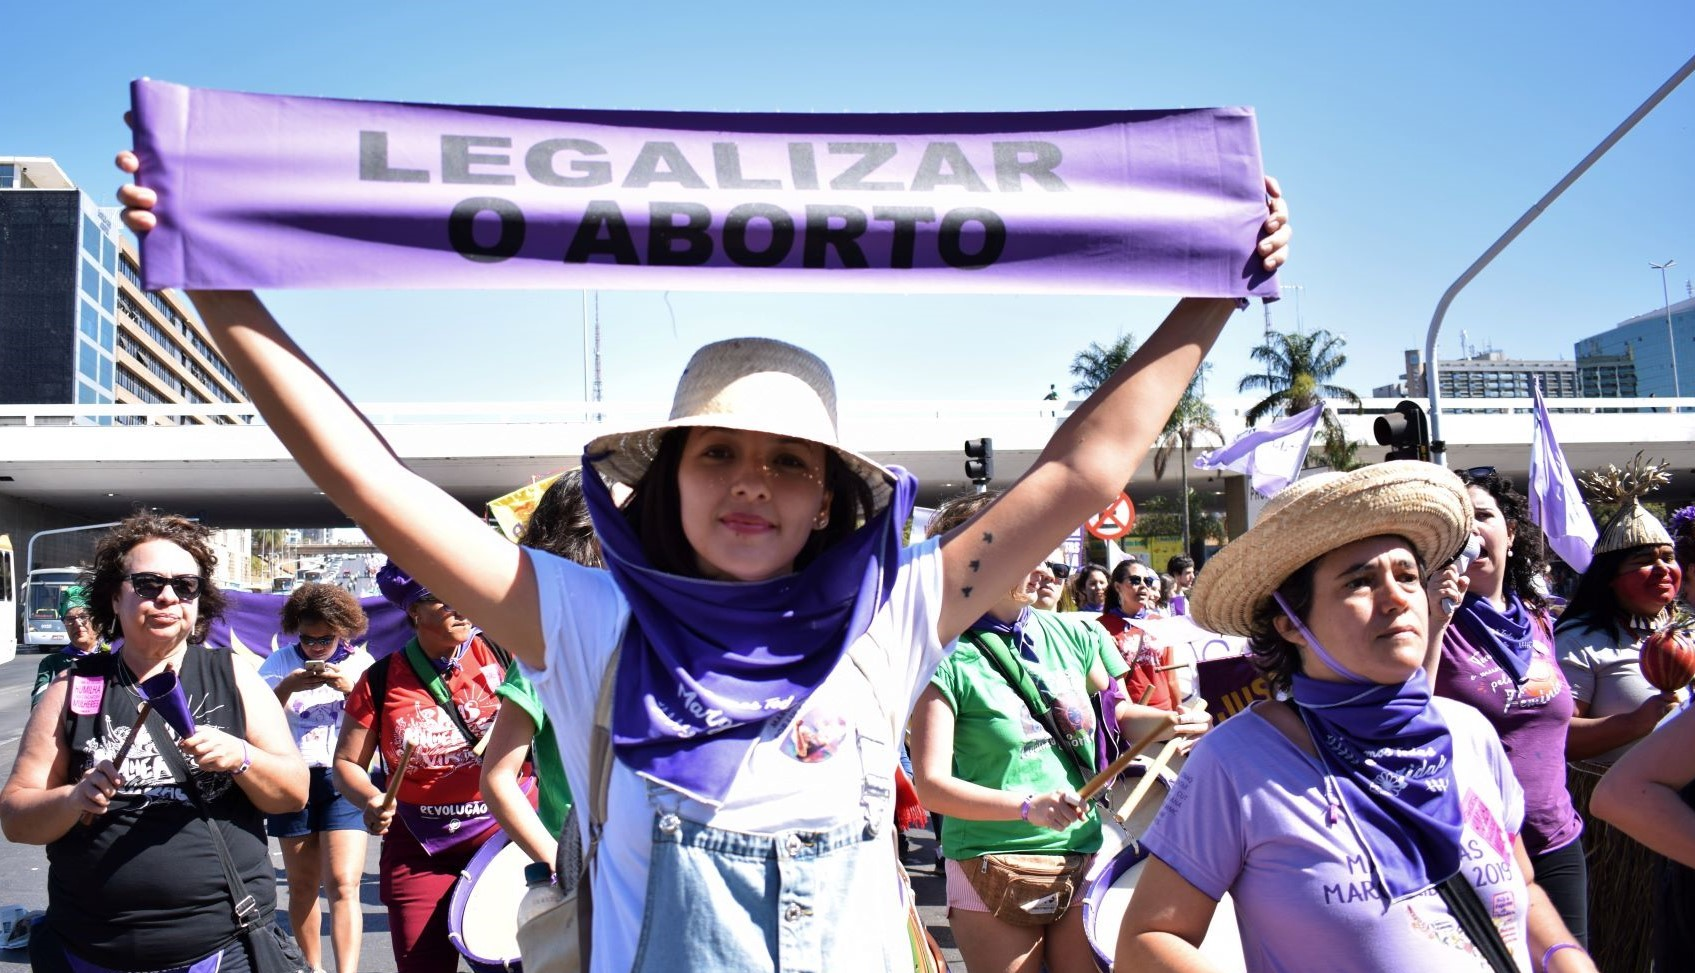 Em defesa delas: a luta pela descriminalização do aborto no Brasil